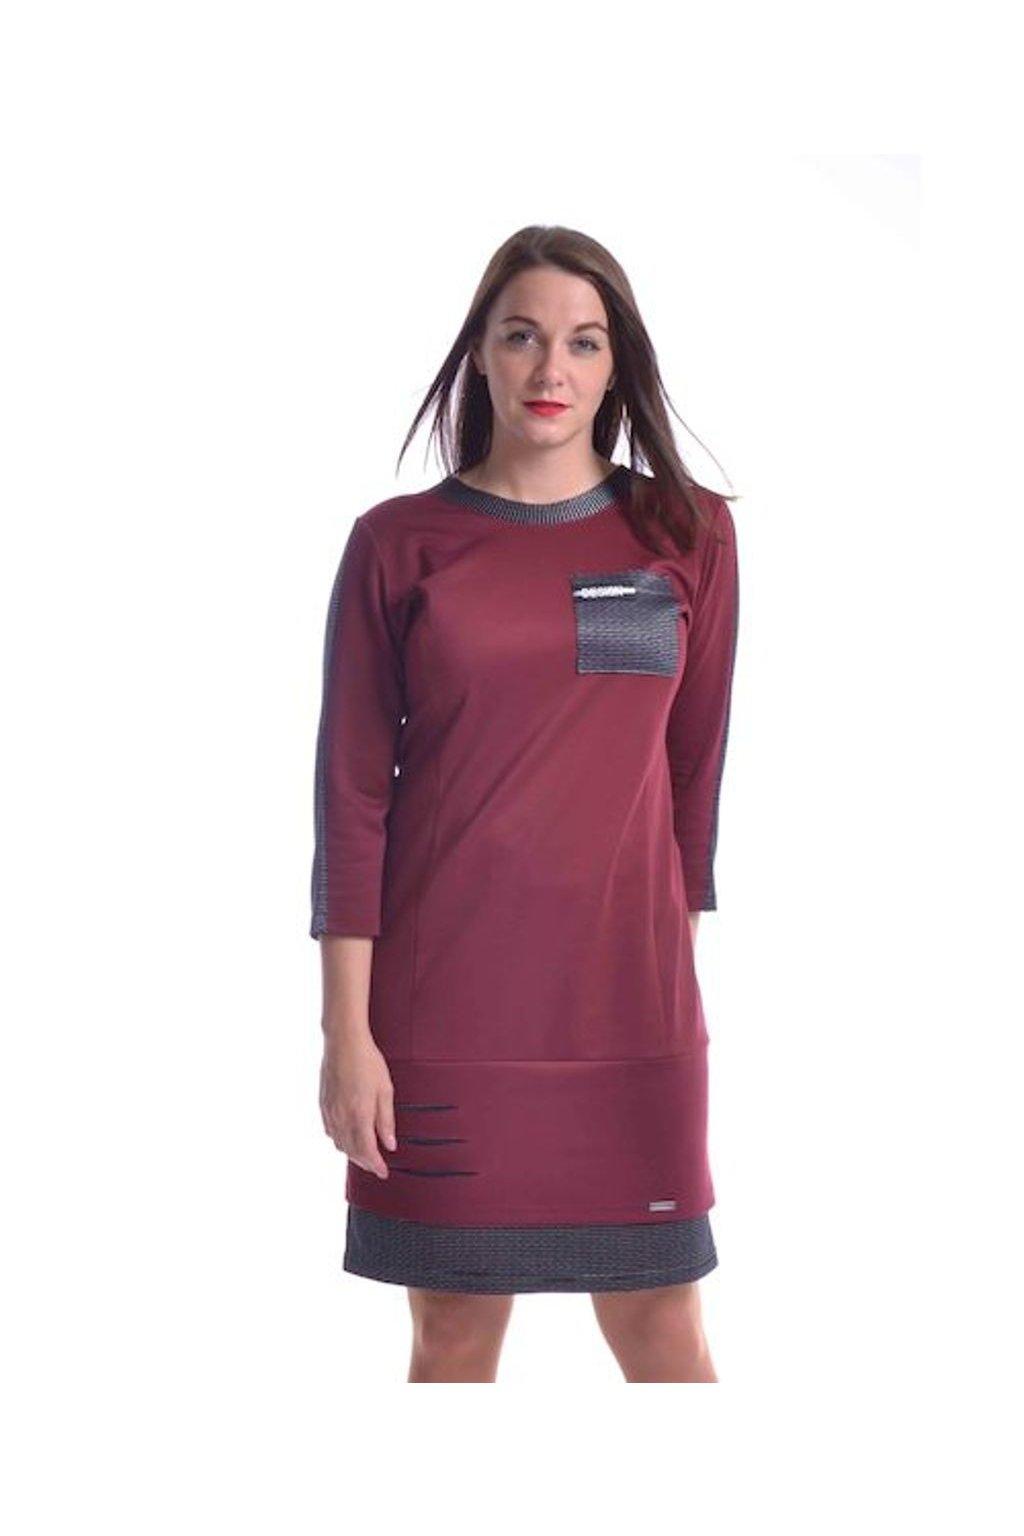 8620 Šaty Design (Velikost 36, Barva Vínová)